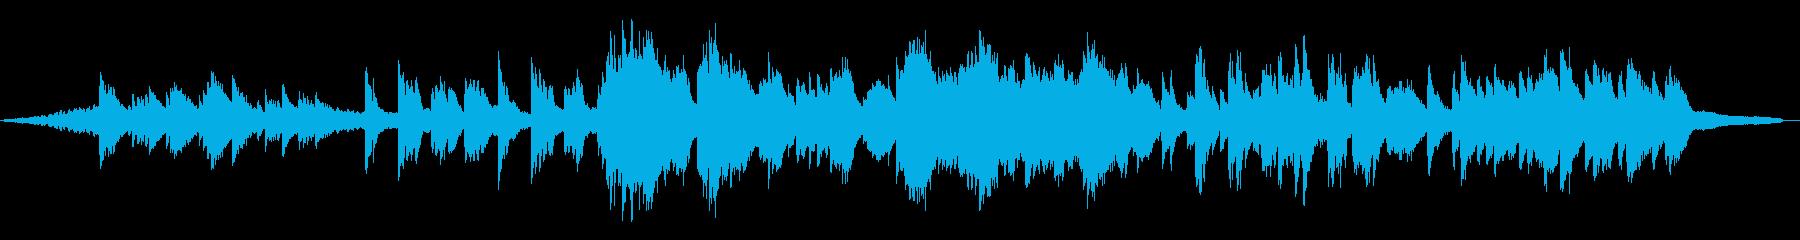 夢の中の星空/和風曲11-ピアノ他の再生済みの波形